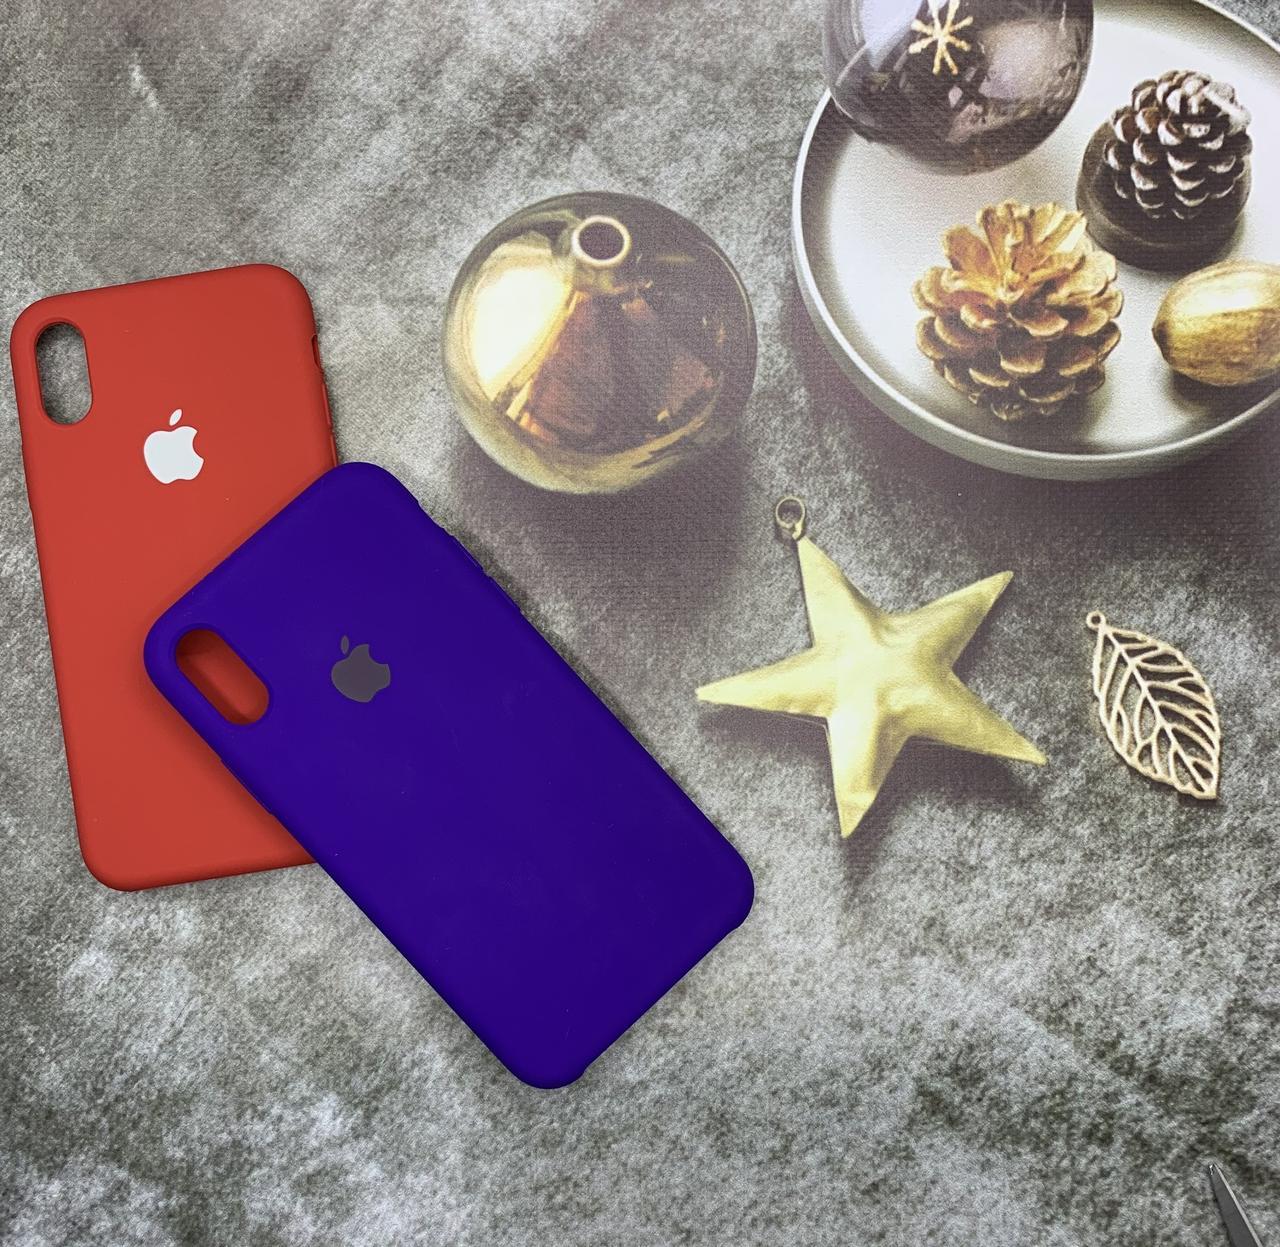 Чехол на iPhone X силиконовый Silicone Case оригинальный цветной противоударный